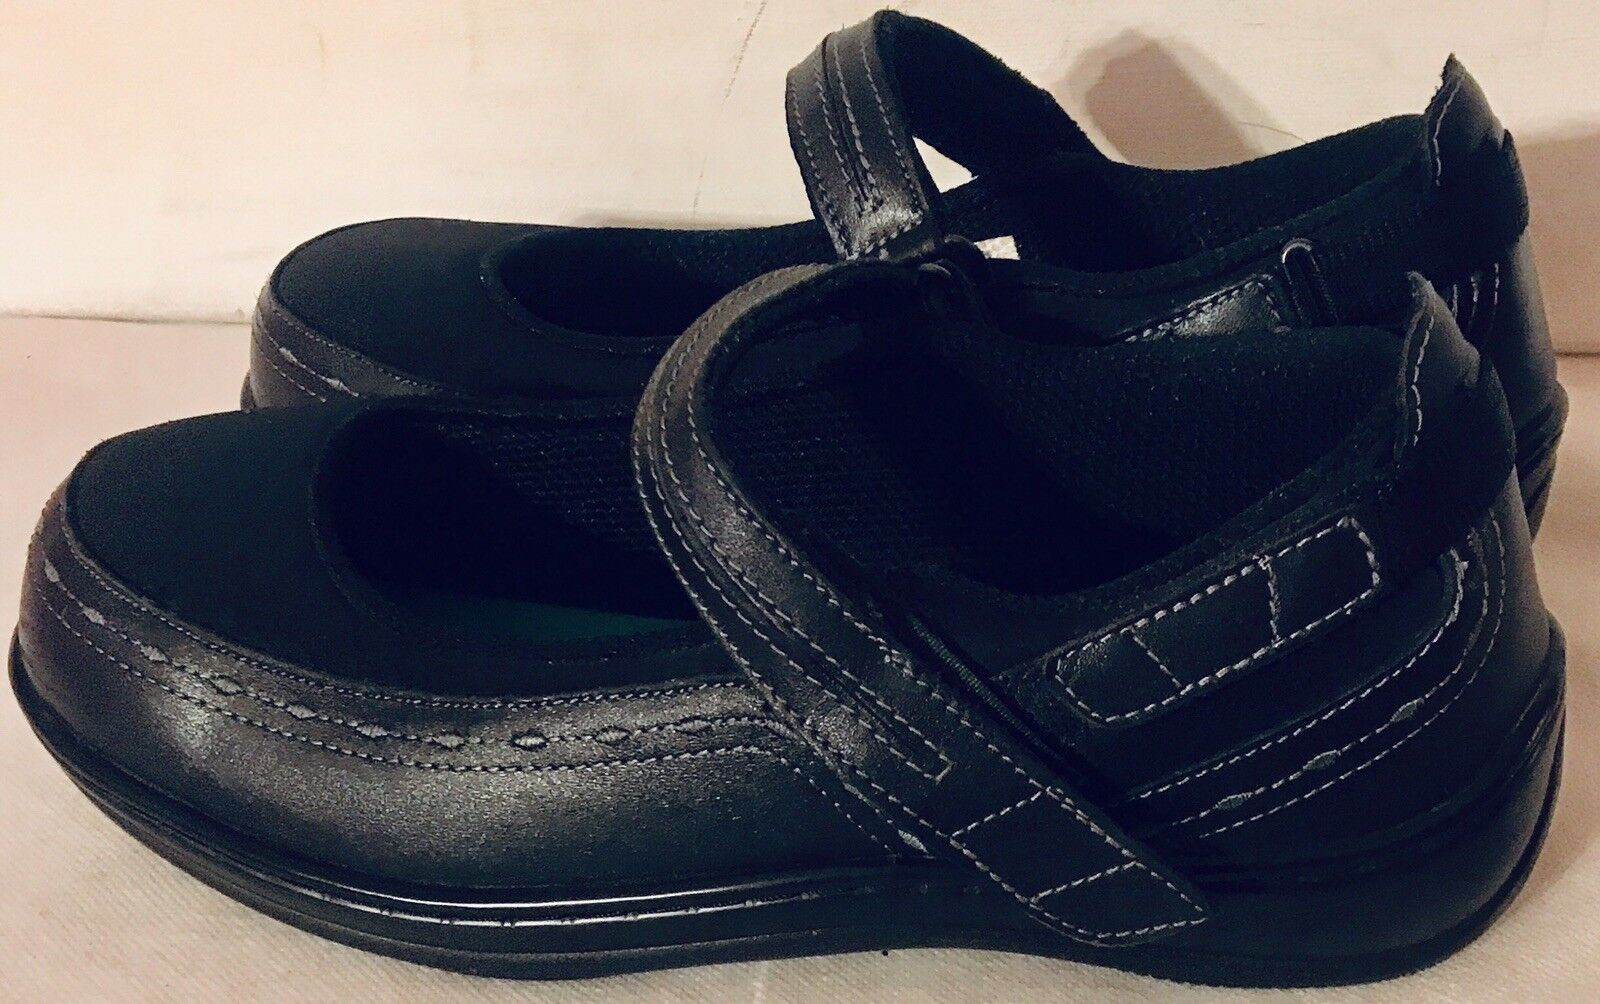 Orthofeet Orthofeet Orthofeet 9.5 D Mujer Negro Cuero Mary Jane diabéticos Comodidad Zapatos usado en excelente estado  ahorrar en el despacho